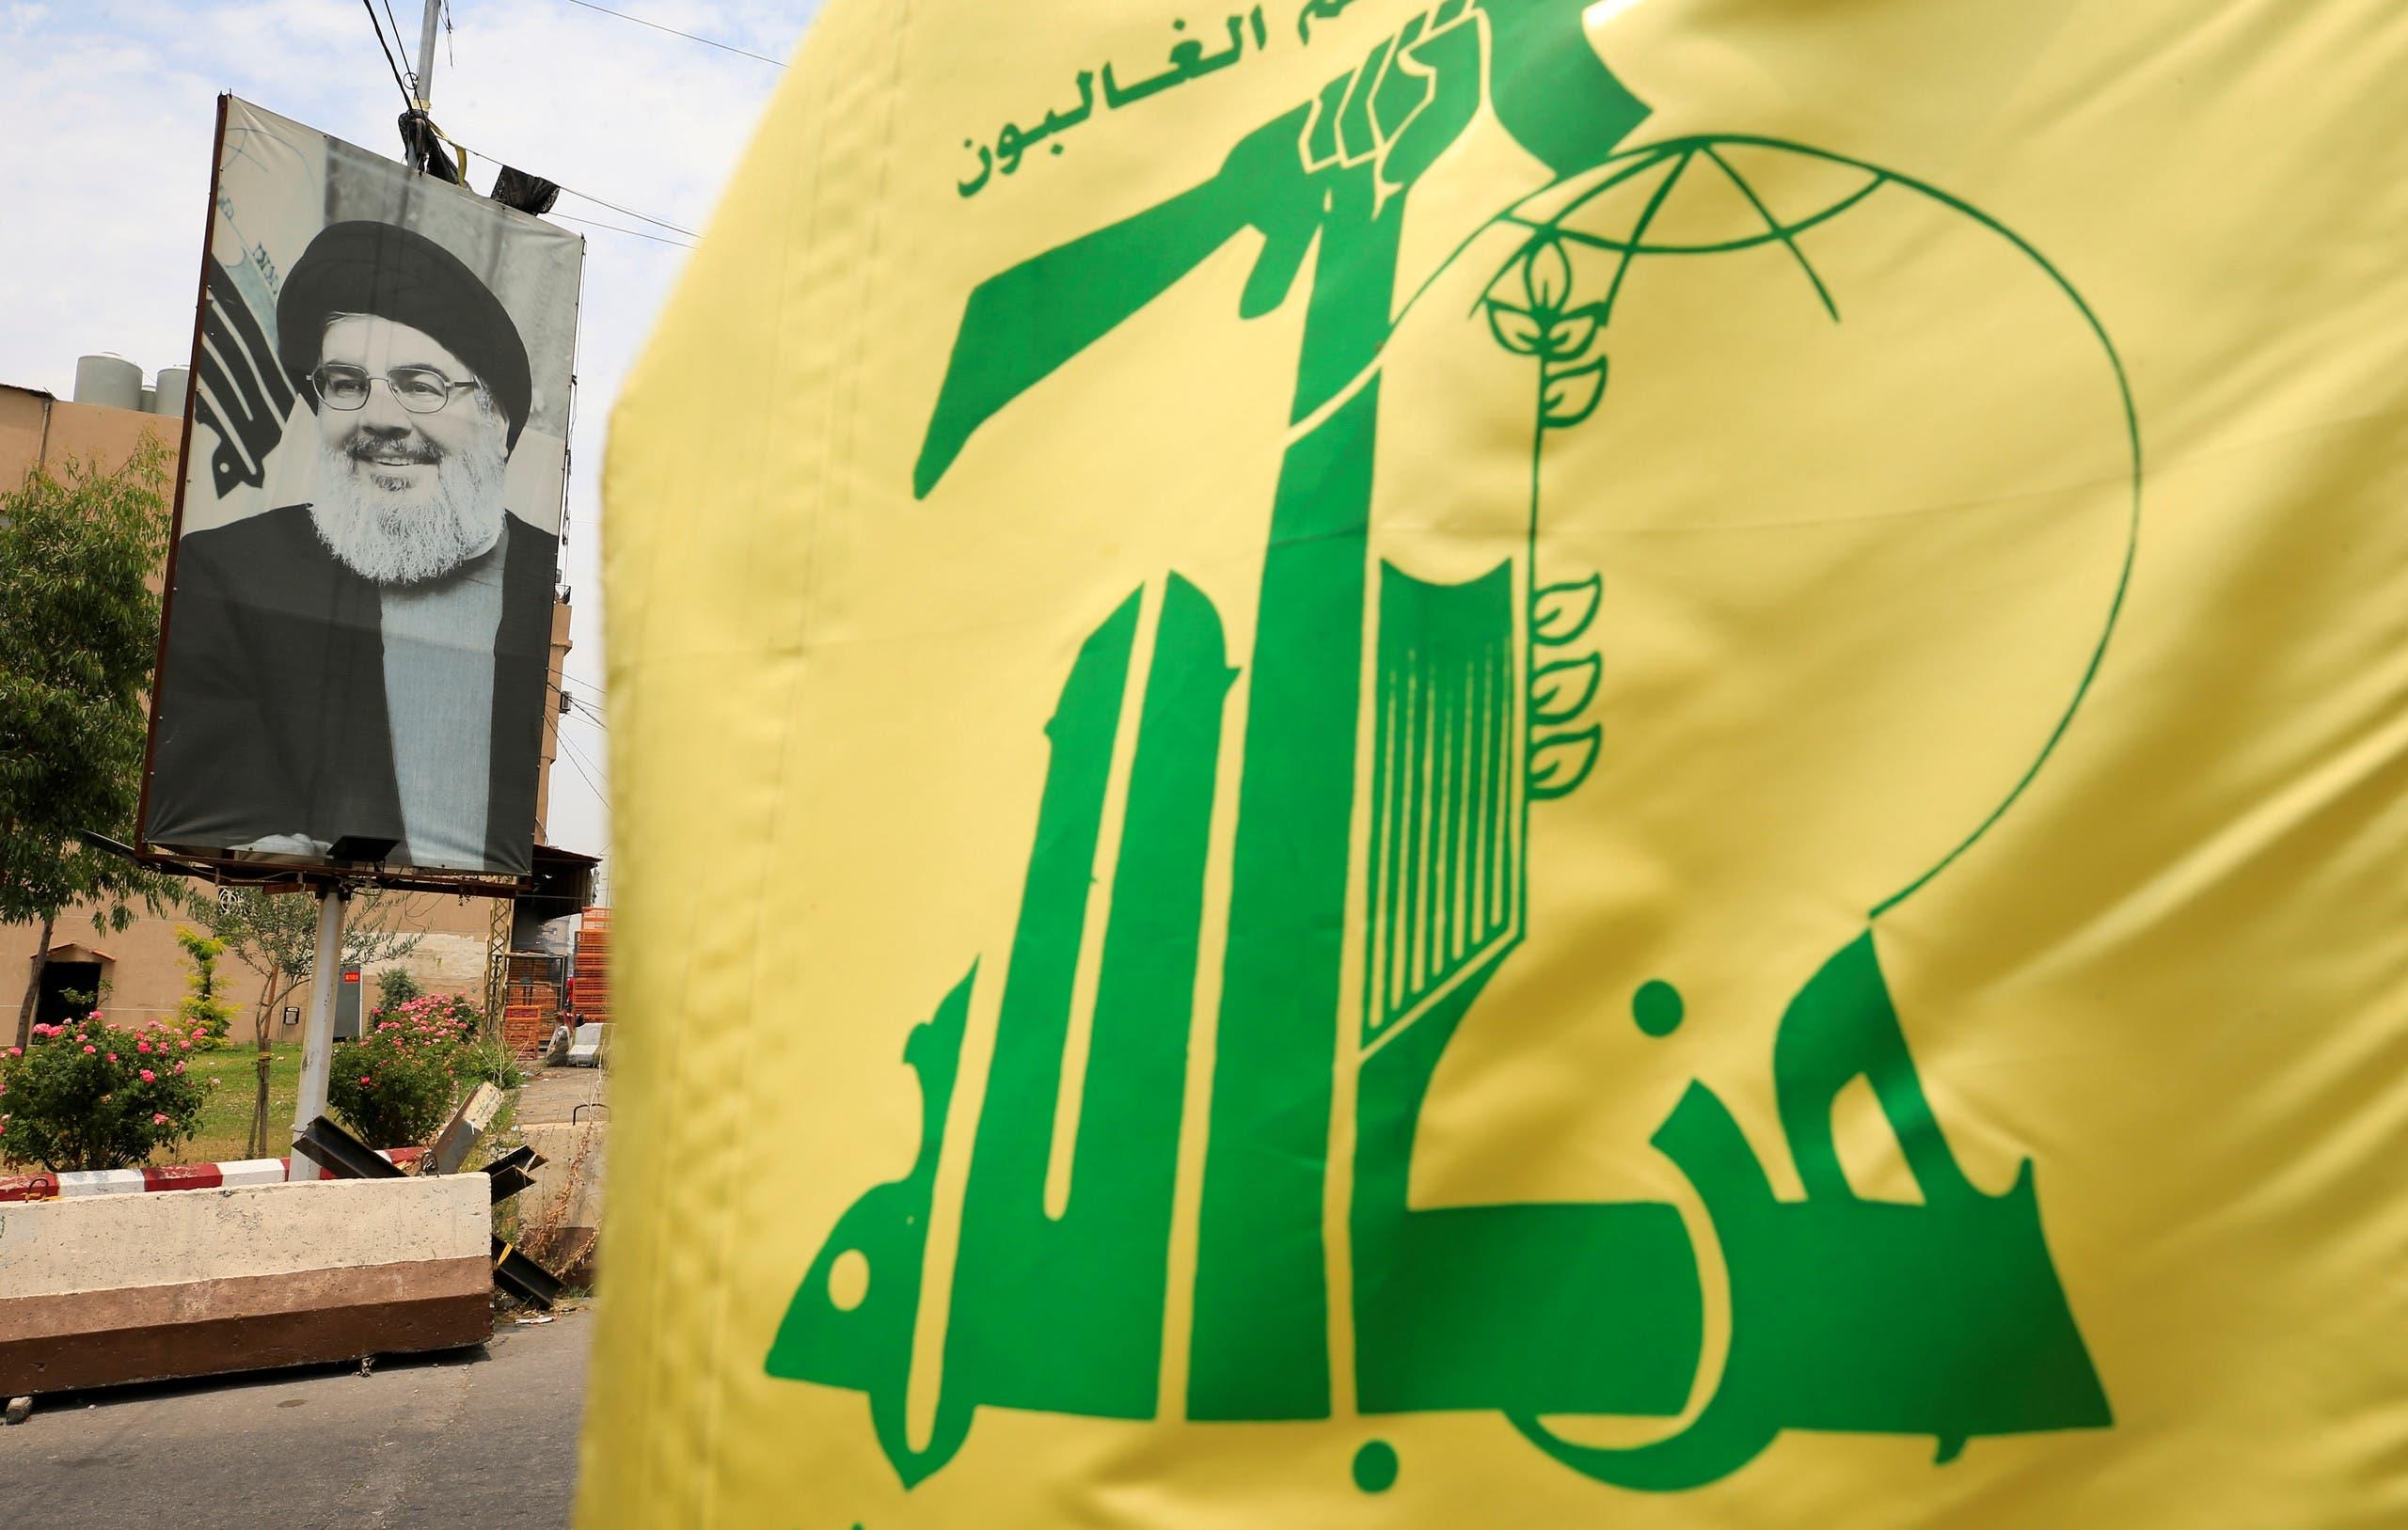 علم حزب الله وصورة لنصرالله في إحدى قرى جنوب لبنان